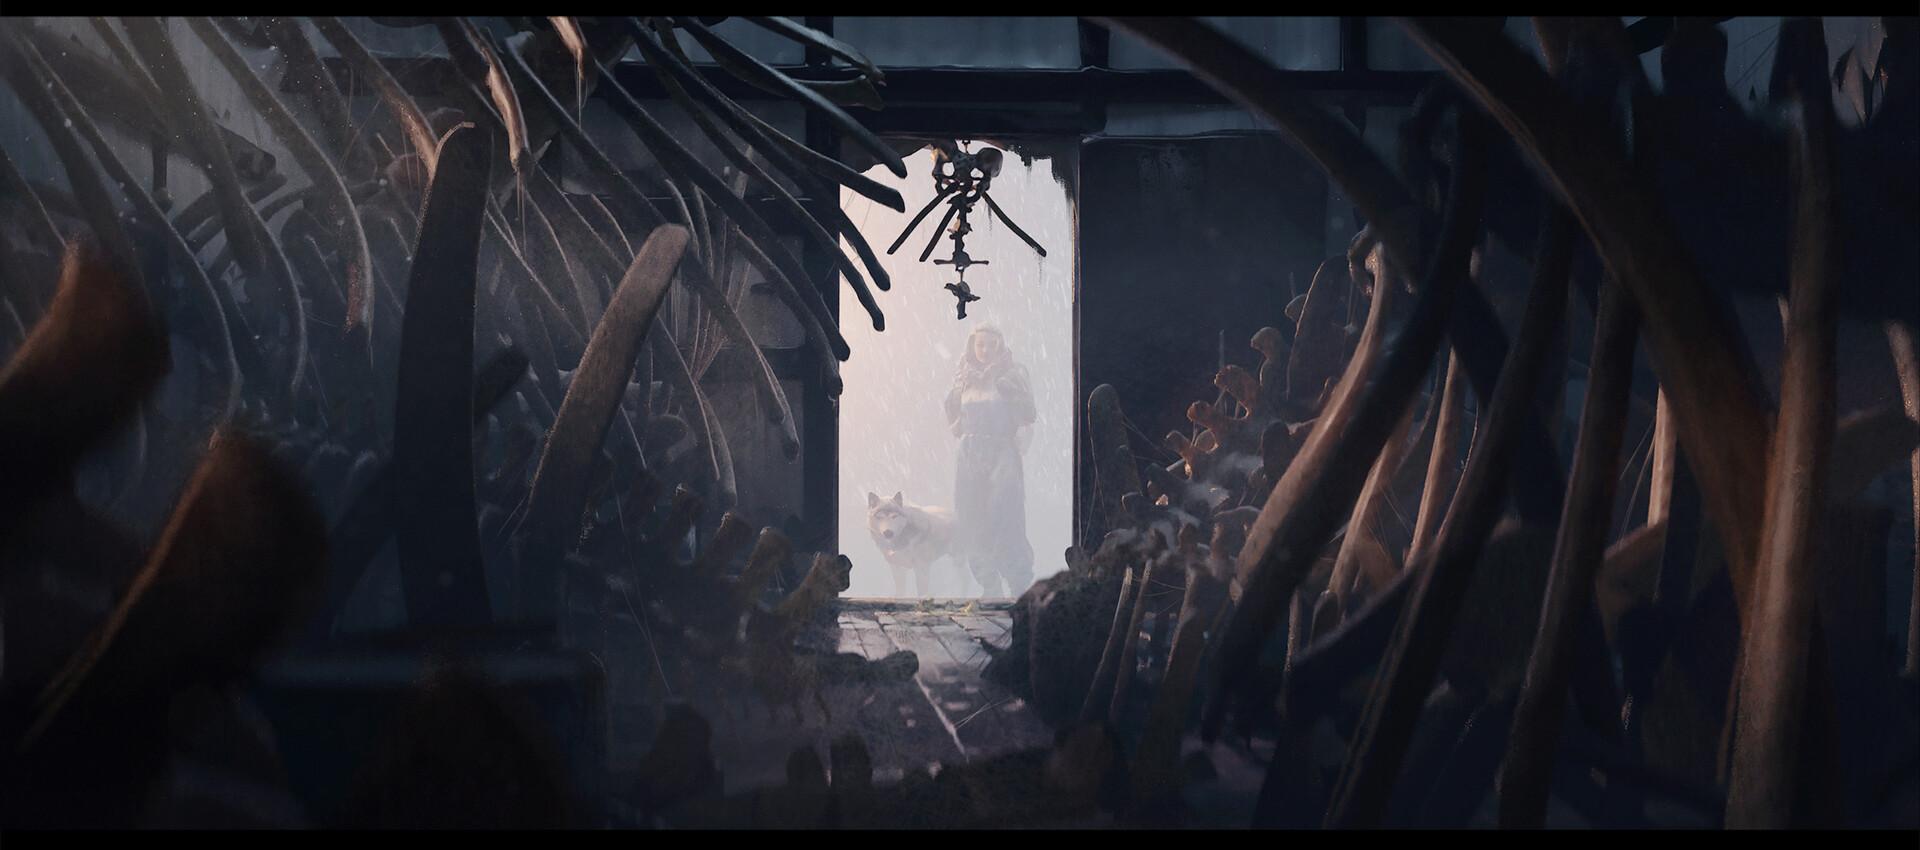 Yelena peers inside. The house is crammed with bones, bones, bones.